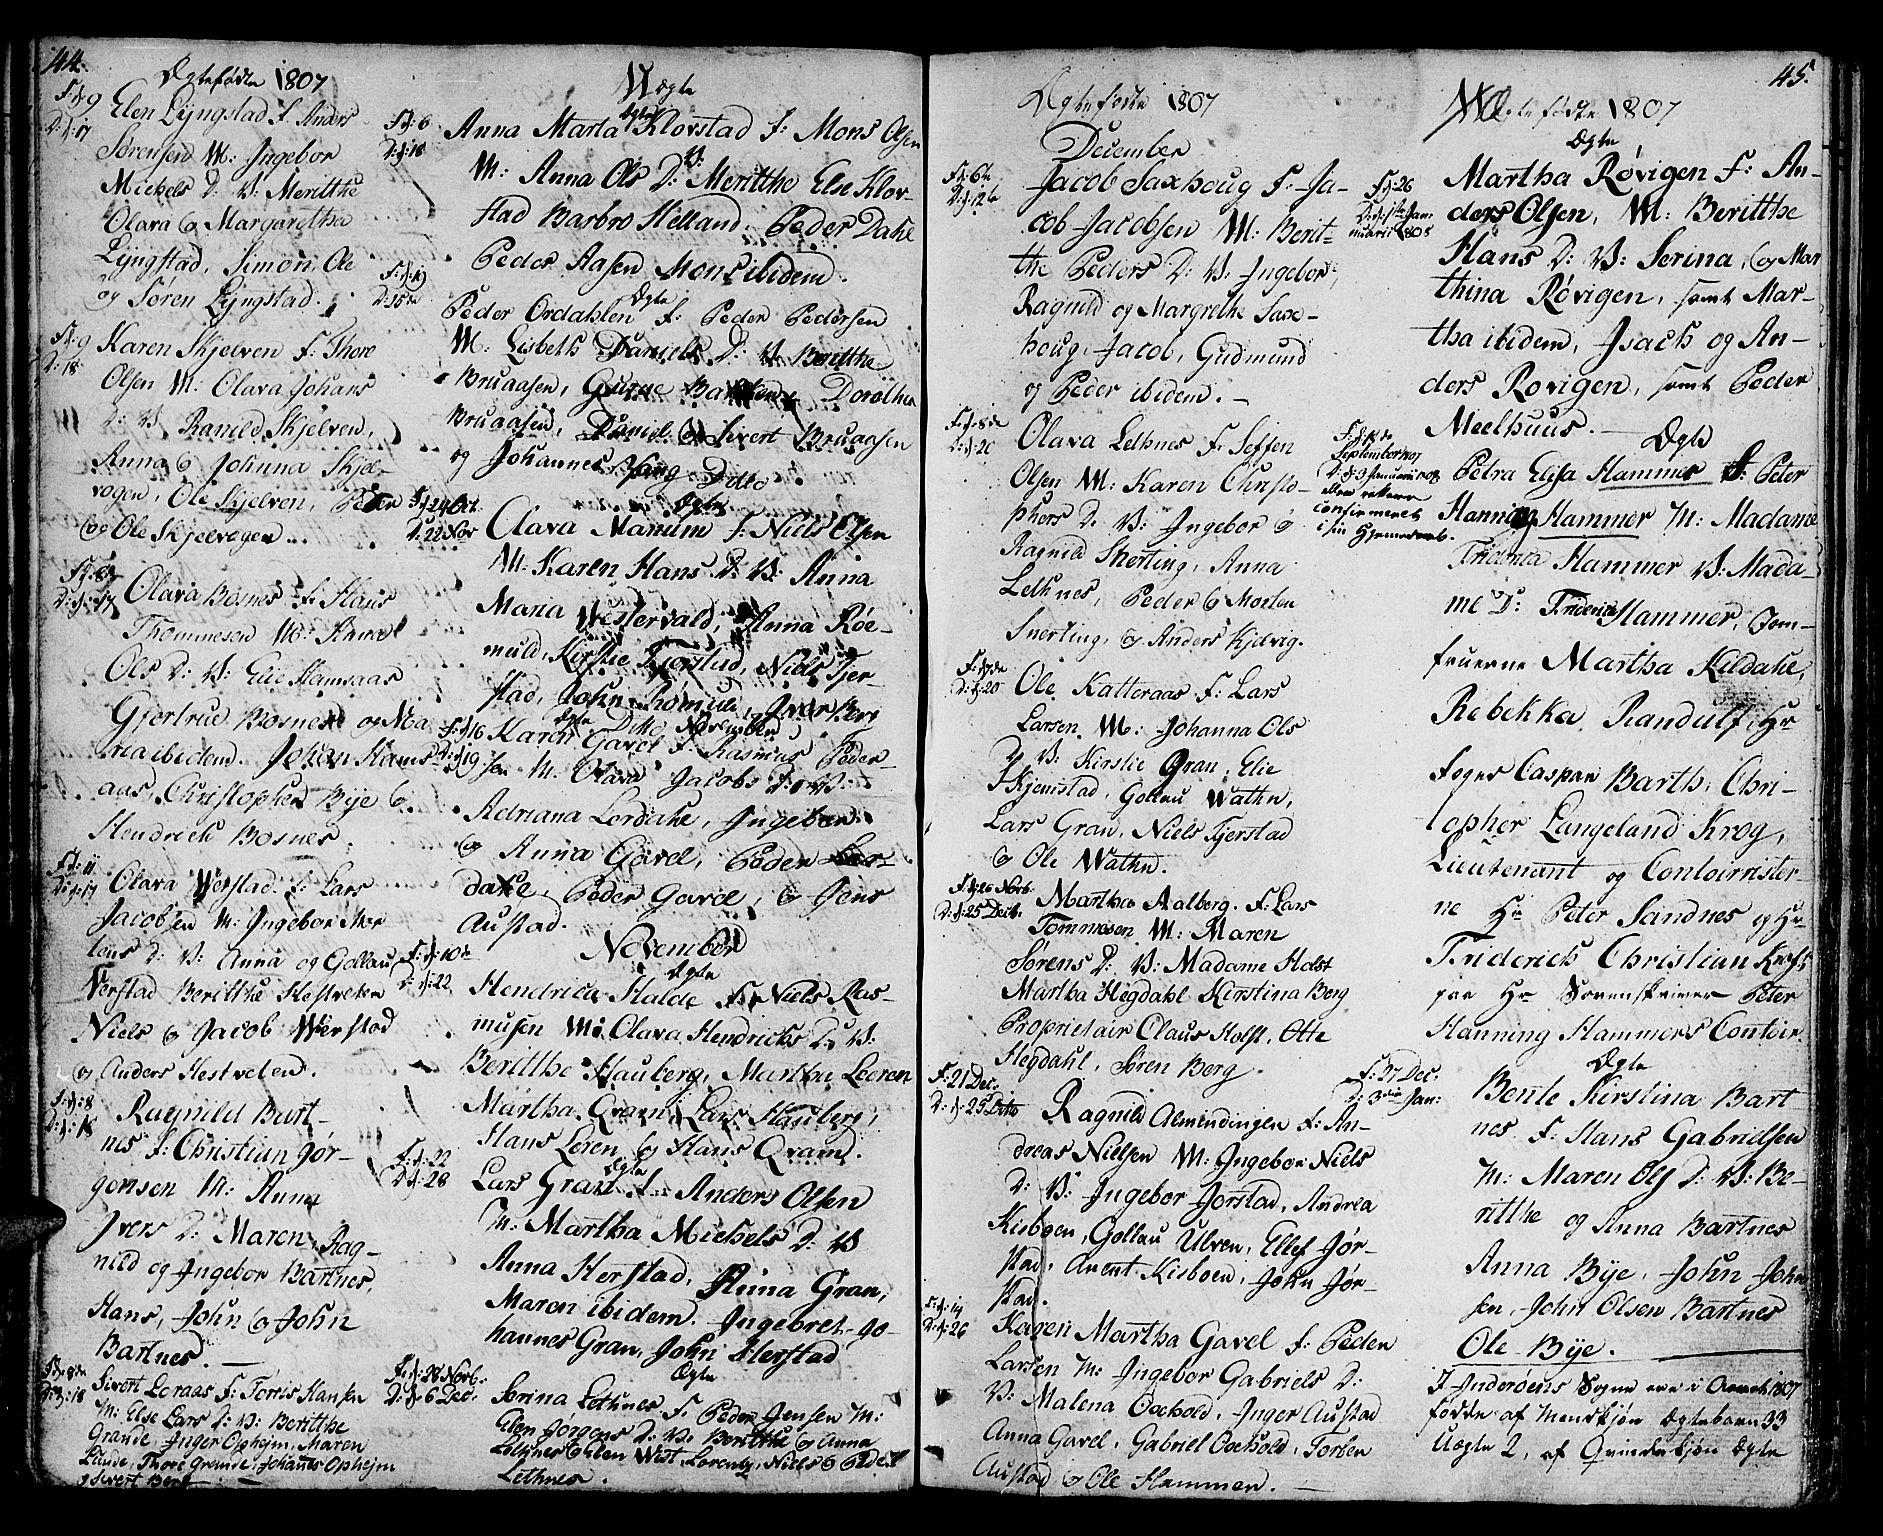 SAT, Ministerialprotokoller, klokkerbøker og fødselsregistre - Nord-Trøndelag, 730/L0274: Ministerialbok nr. 730A03, 1802-1816, s. 44-45